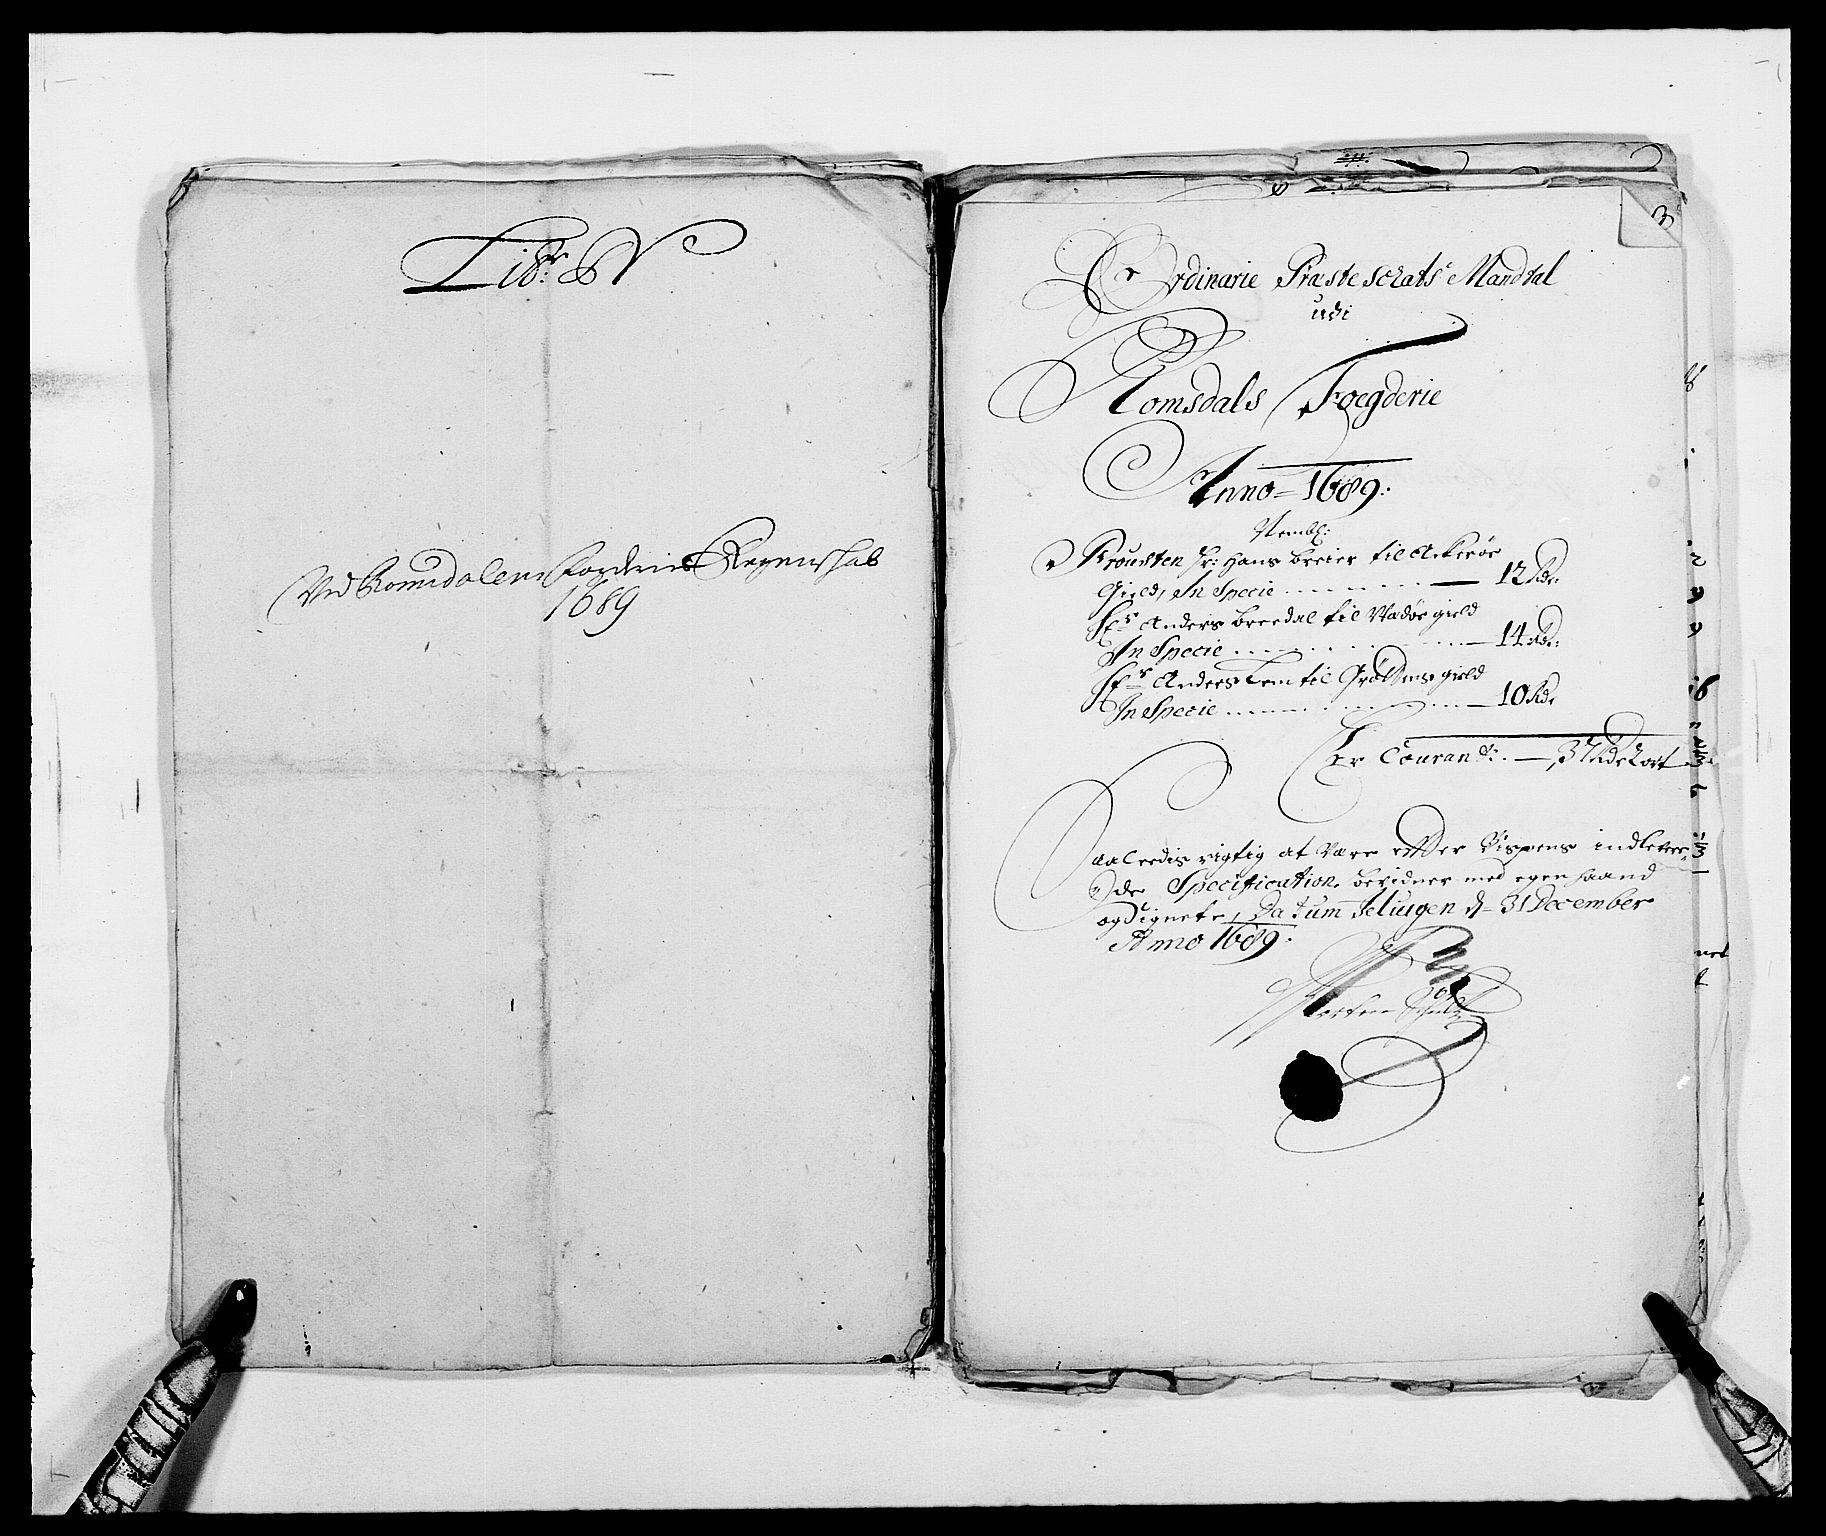 RA, Rentekammeret inntil 1814, Reviderte regnskaper, Fogderegnskap, R55/L3648: Fogderegnskap Romsdal, 1687-1689, s. 402